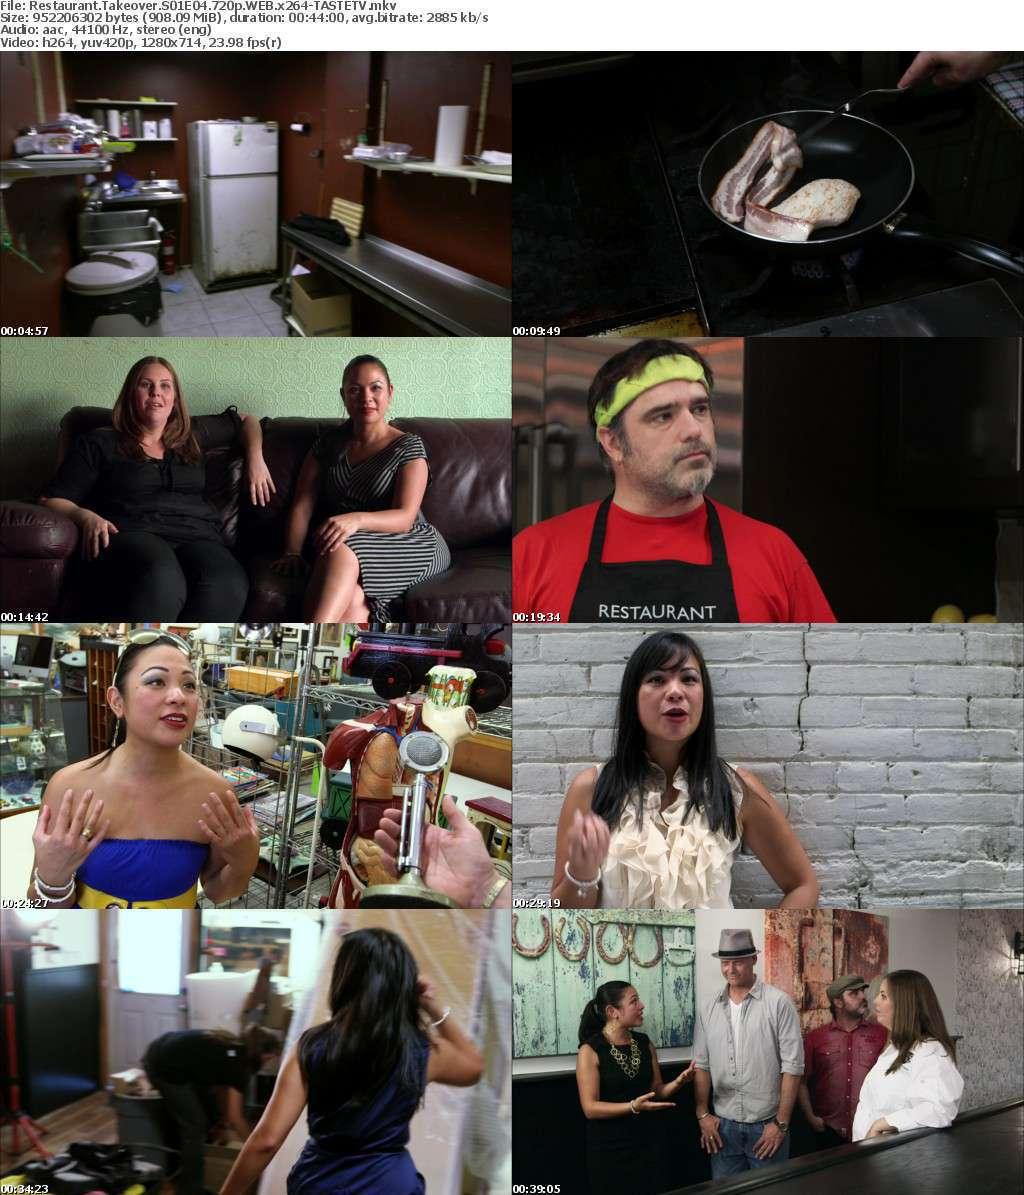 Restaurant Takeover S01E04 720p WEB x264-TASTETV